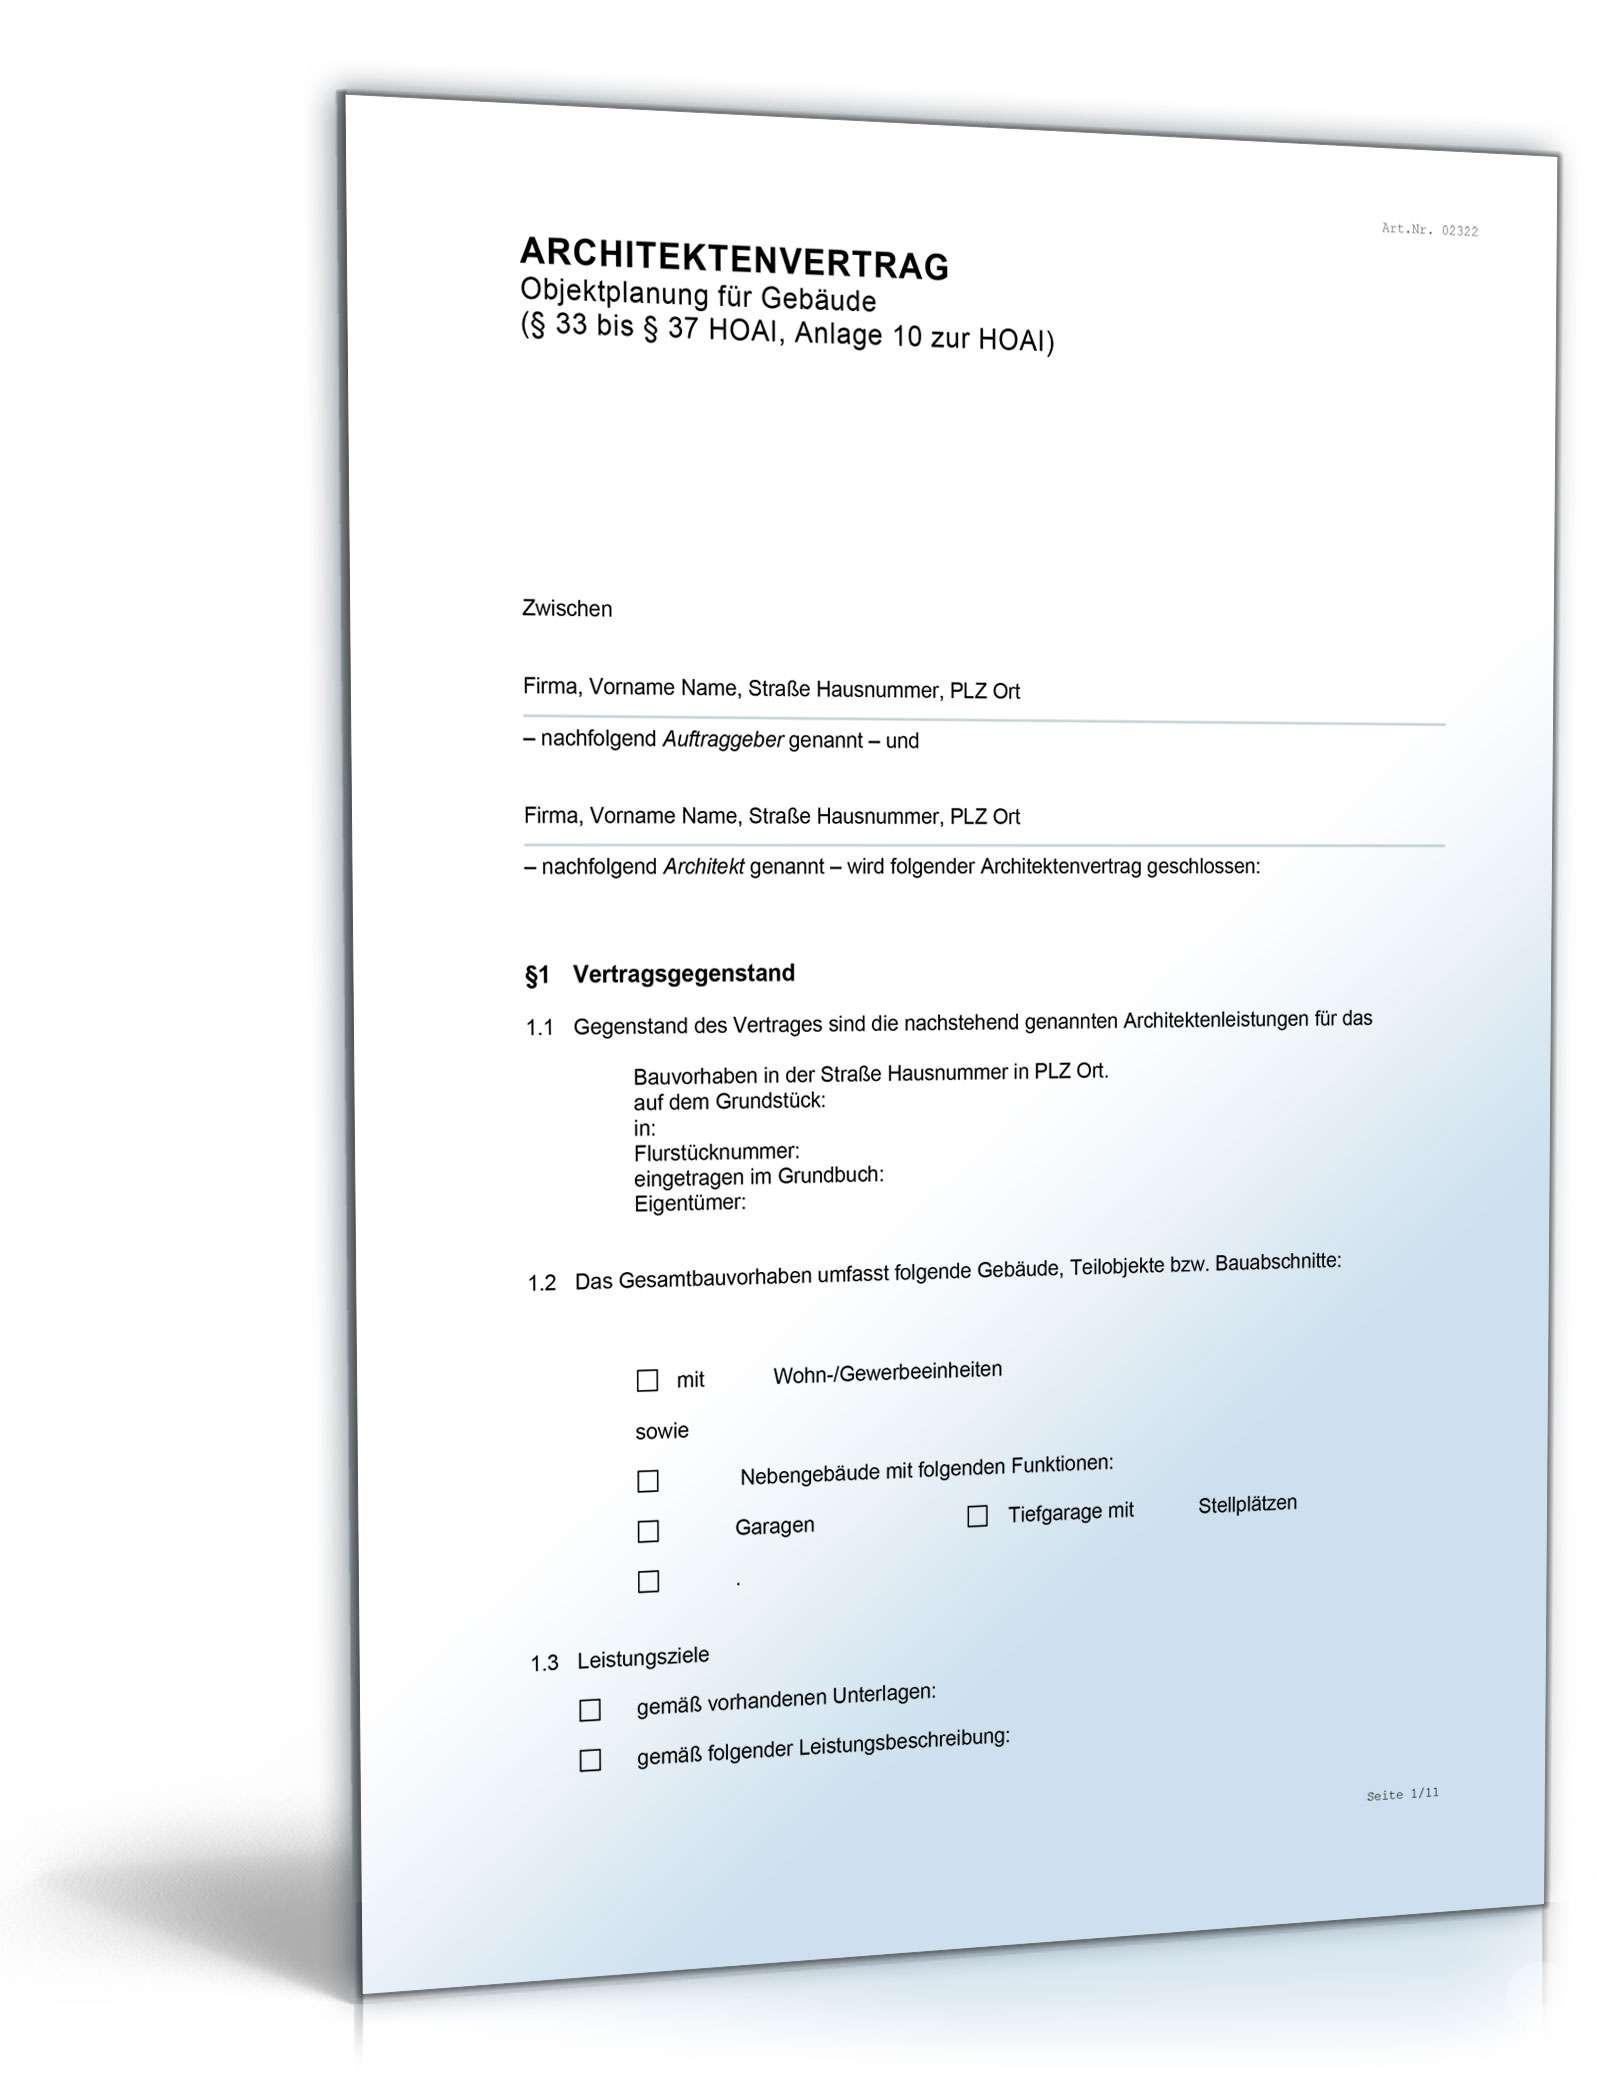 Architektenvertrag Nach Hoai Rechtssicheres